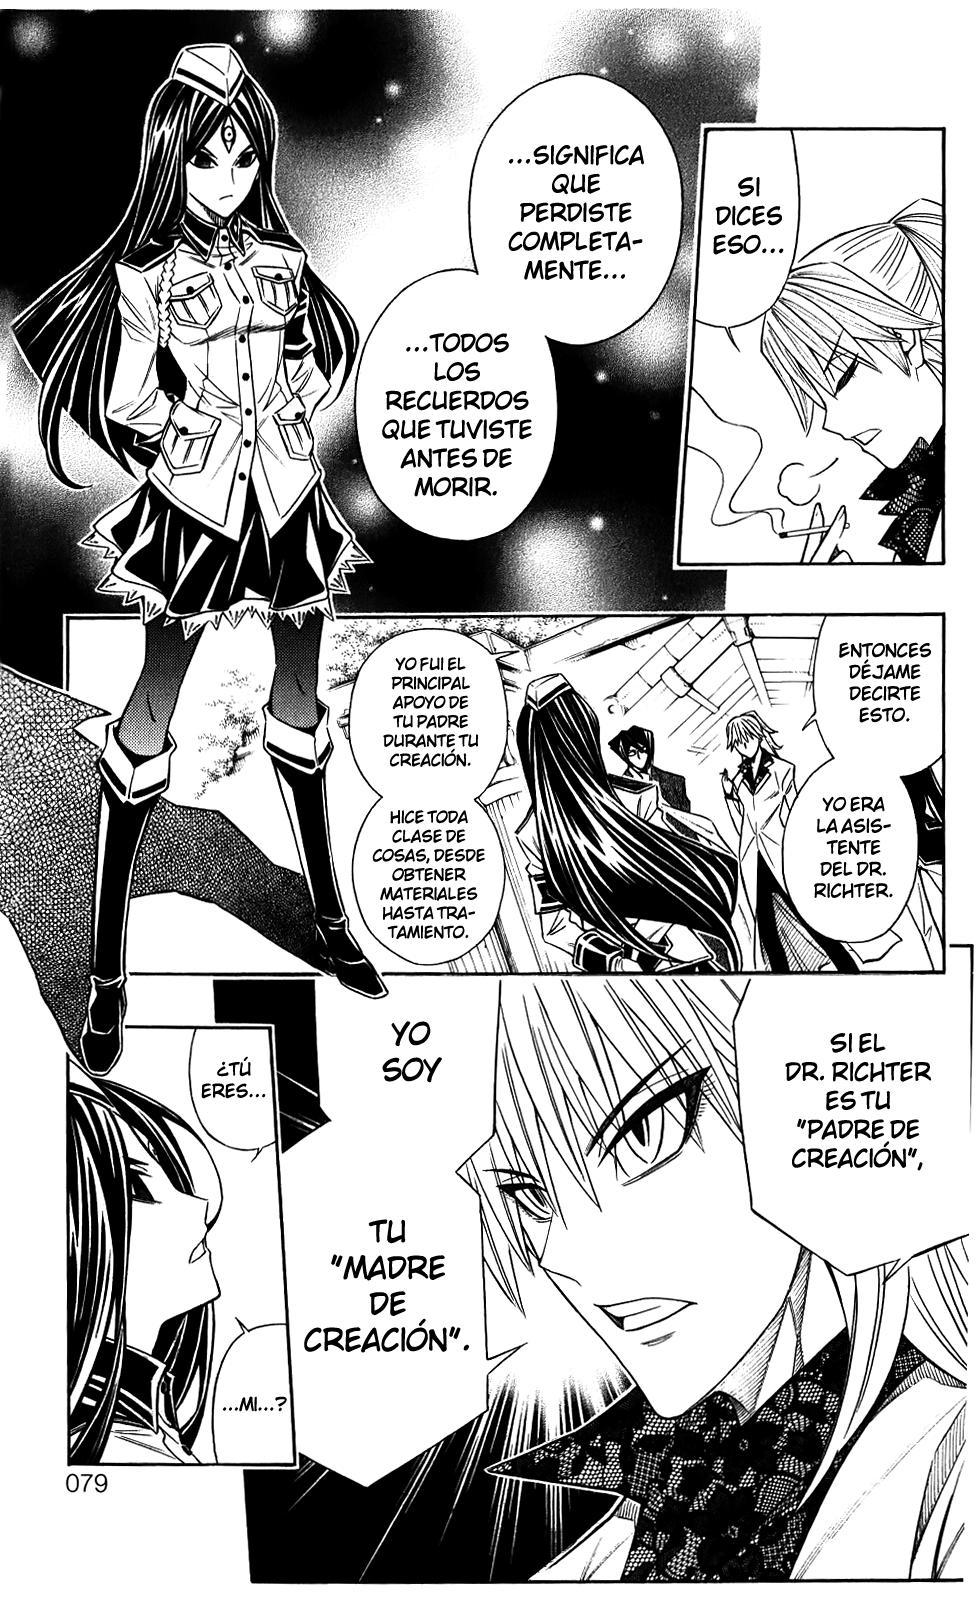 http://c5.ninemanga.com/es_manga/45/18797/447905/aec3ed7338bbf69ca9e72e7faaf5fe36.jpg Page 3